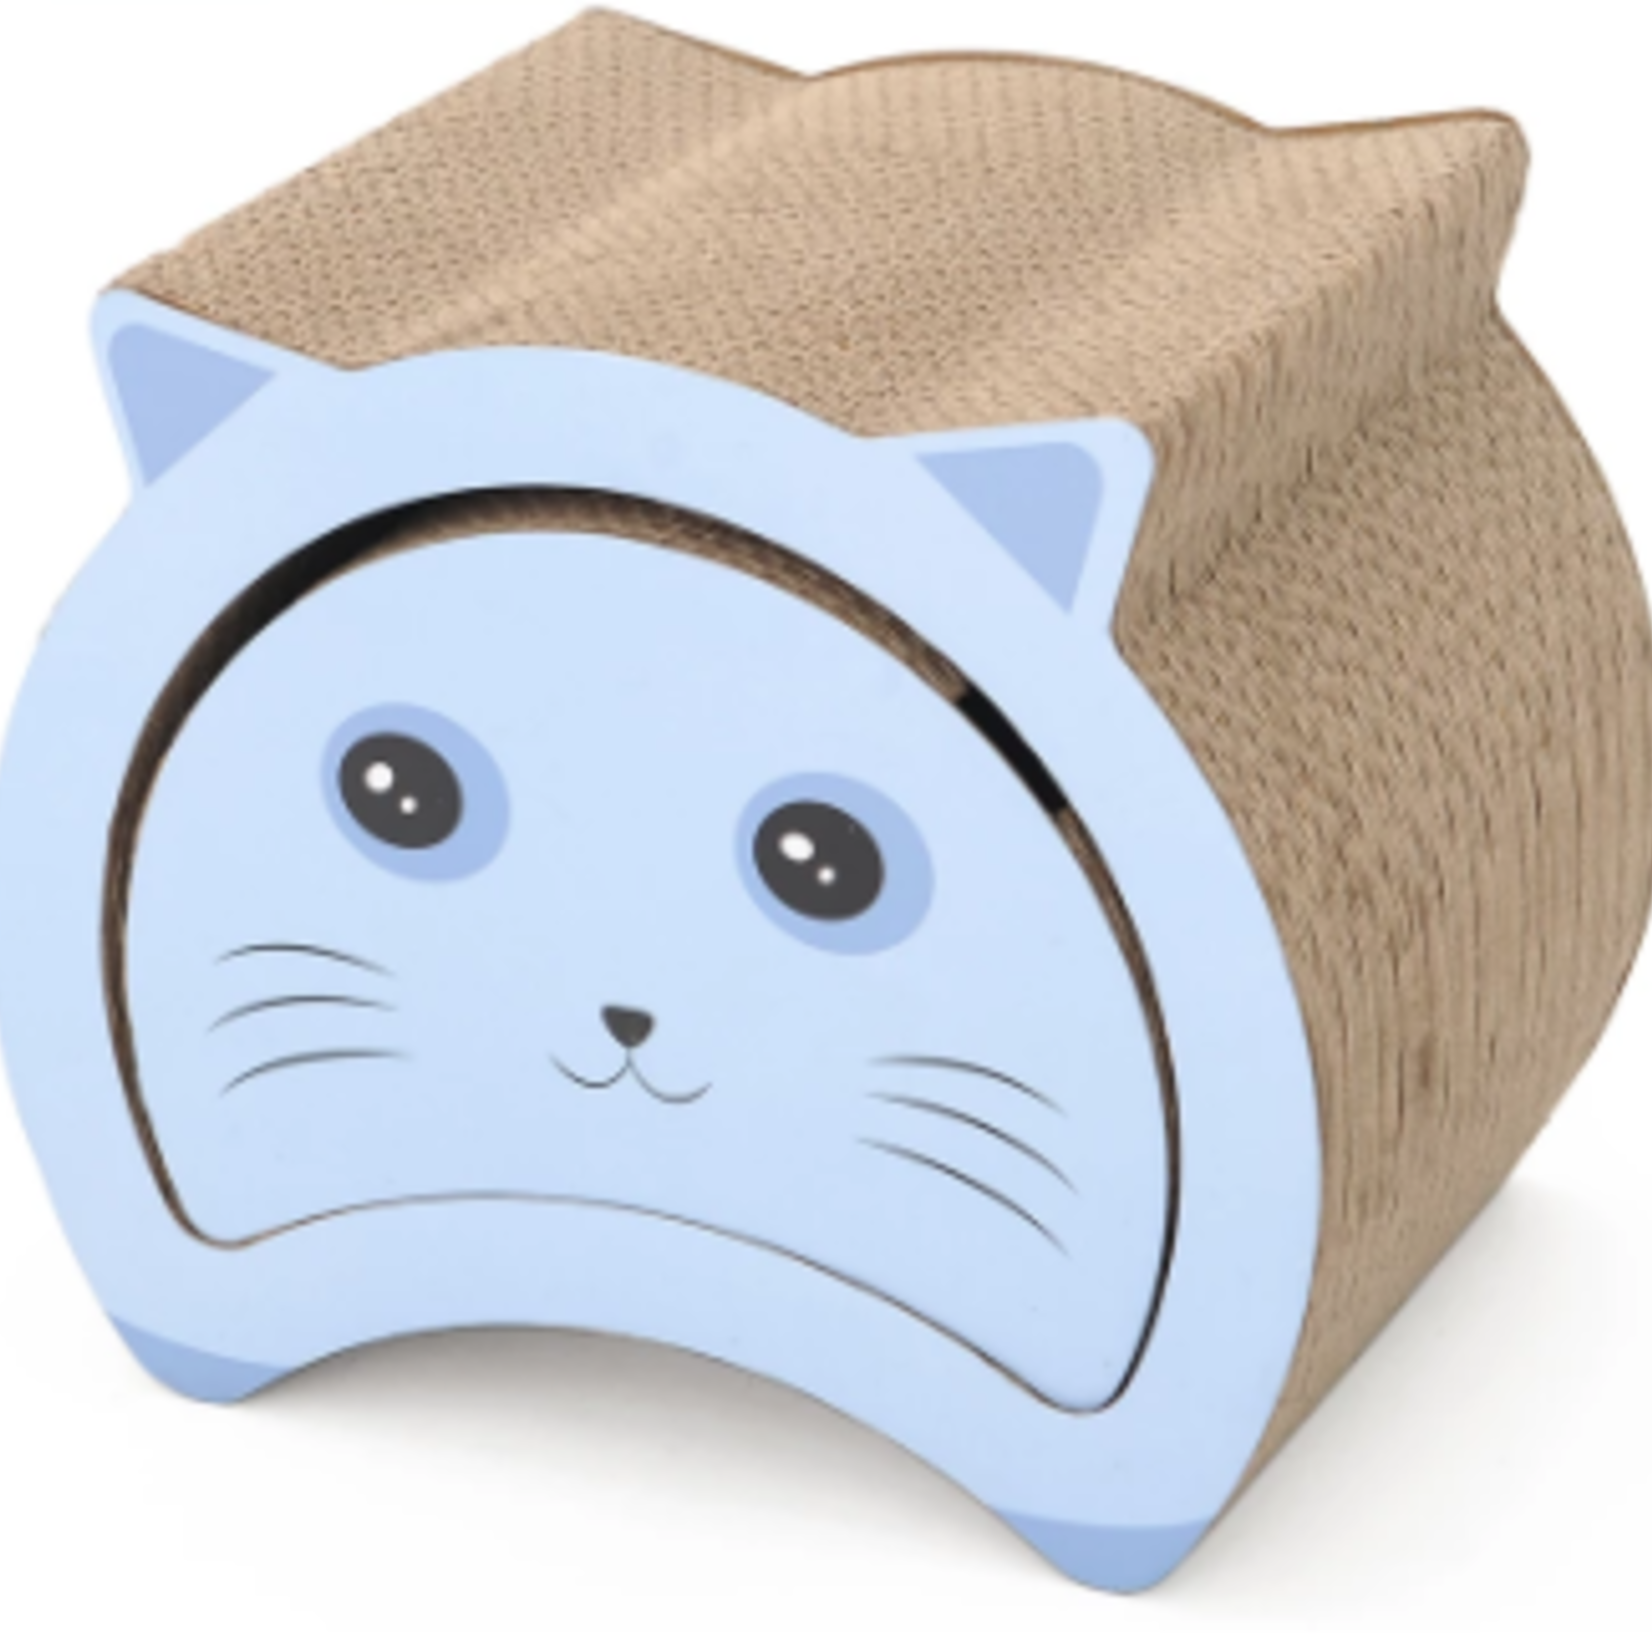 Kitty Face Scratcher